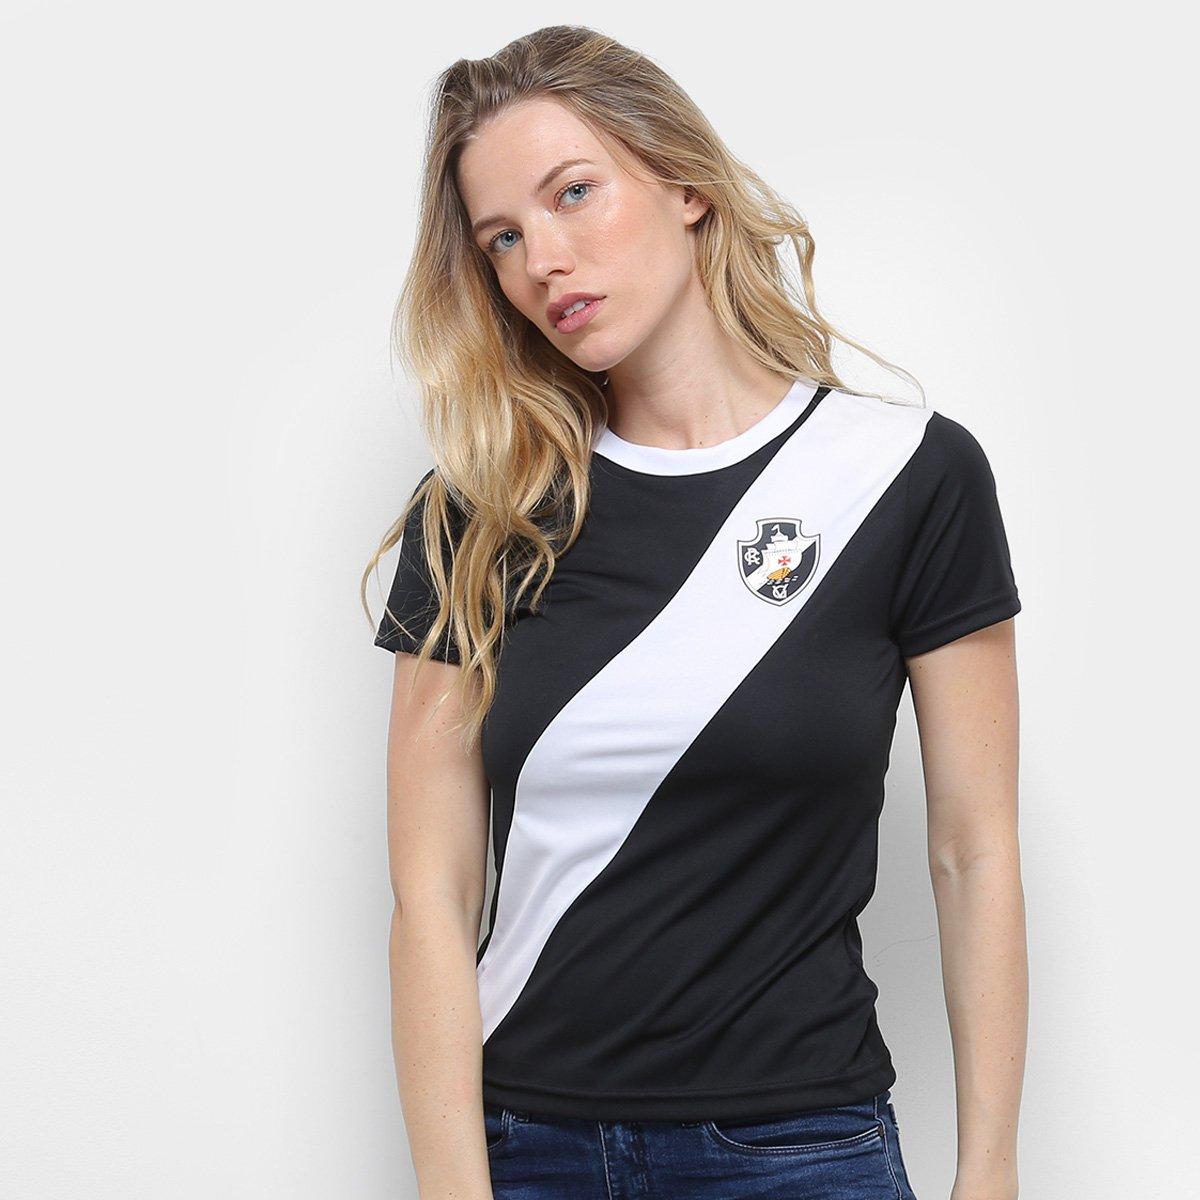 a6f7ac6845ca6 Camisa Vasco Edição Limitada Feminina - Compre Agora